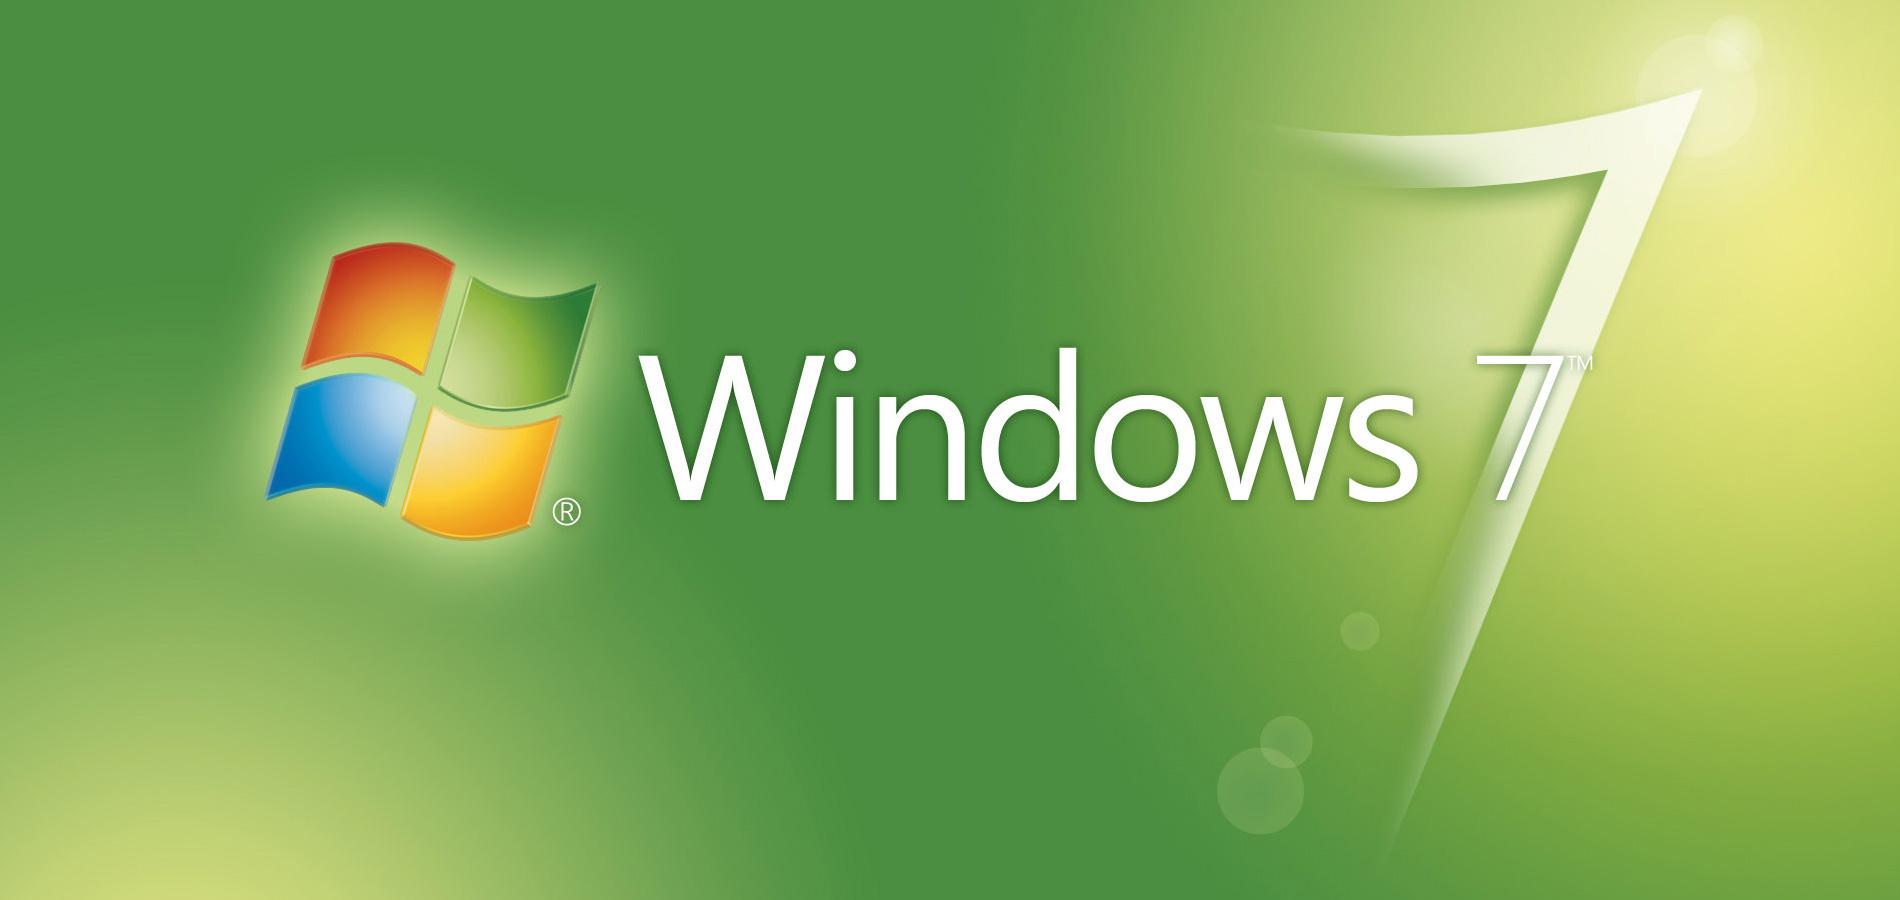 Il Est Temps De Migrer Windows 7 N Aura Plus Aucun Patch De Securite Dans Un An